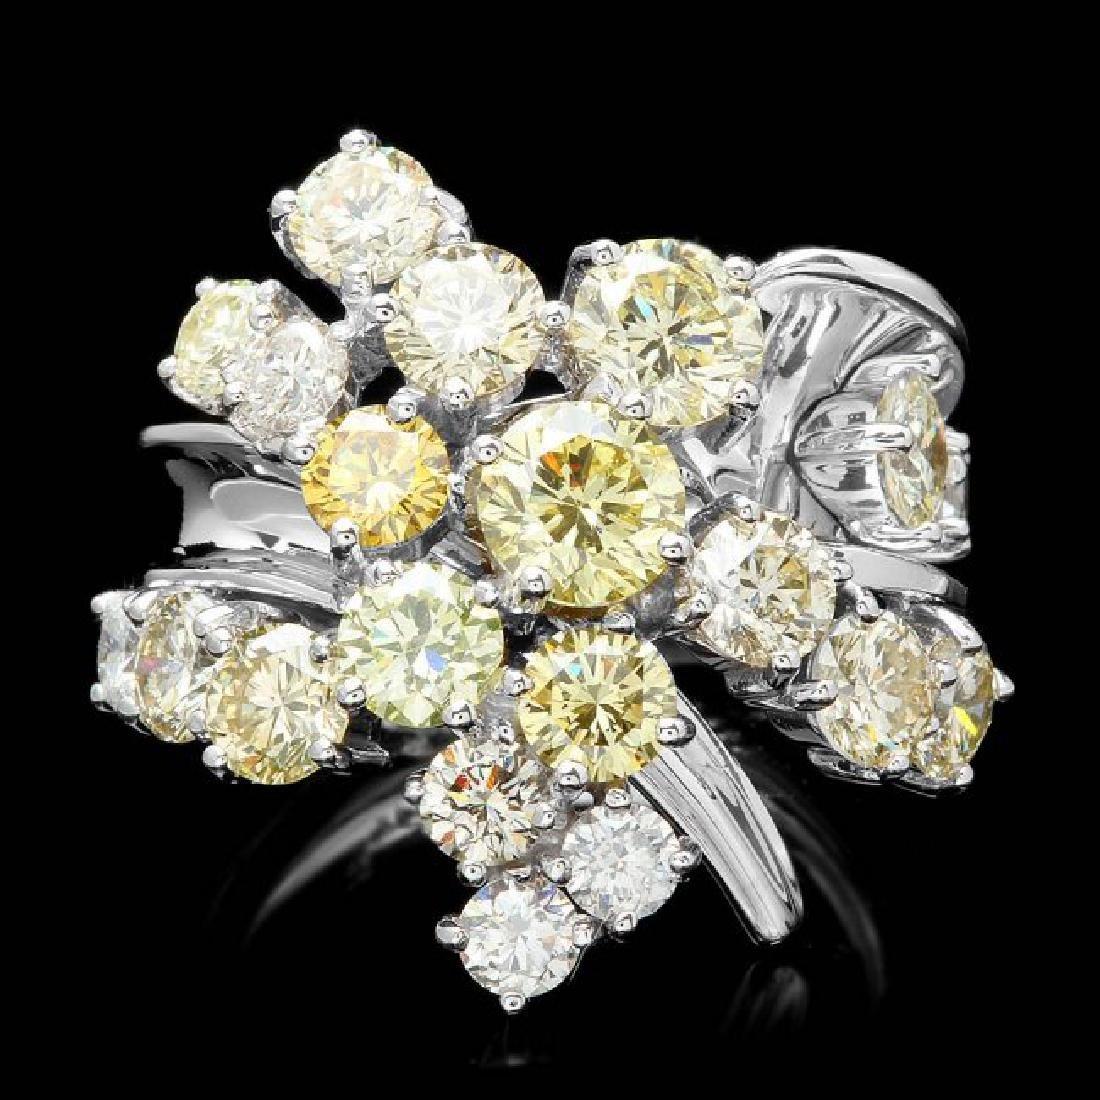 14k White Gold 5.00ct Diamond Ring